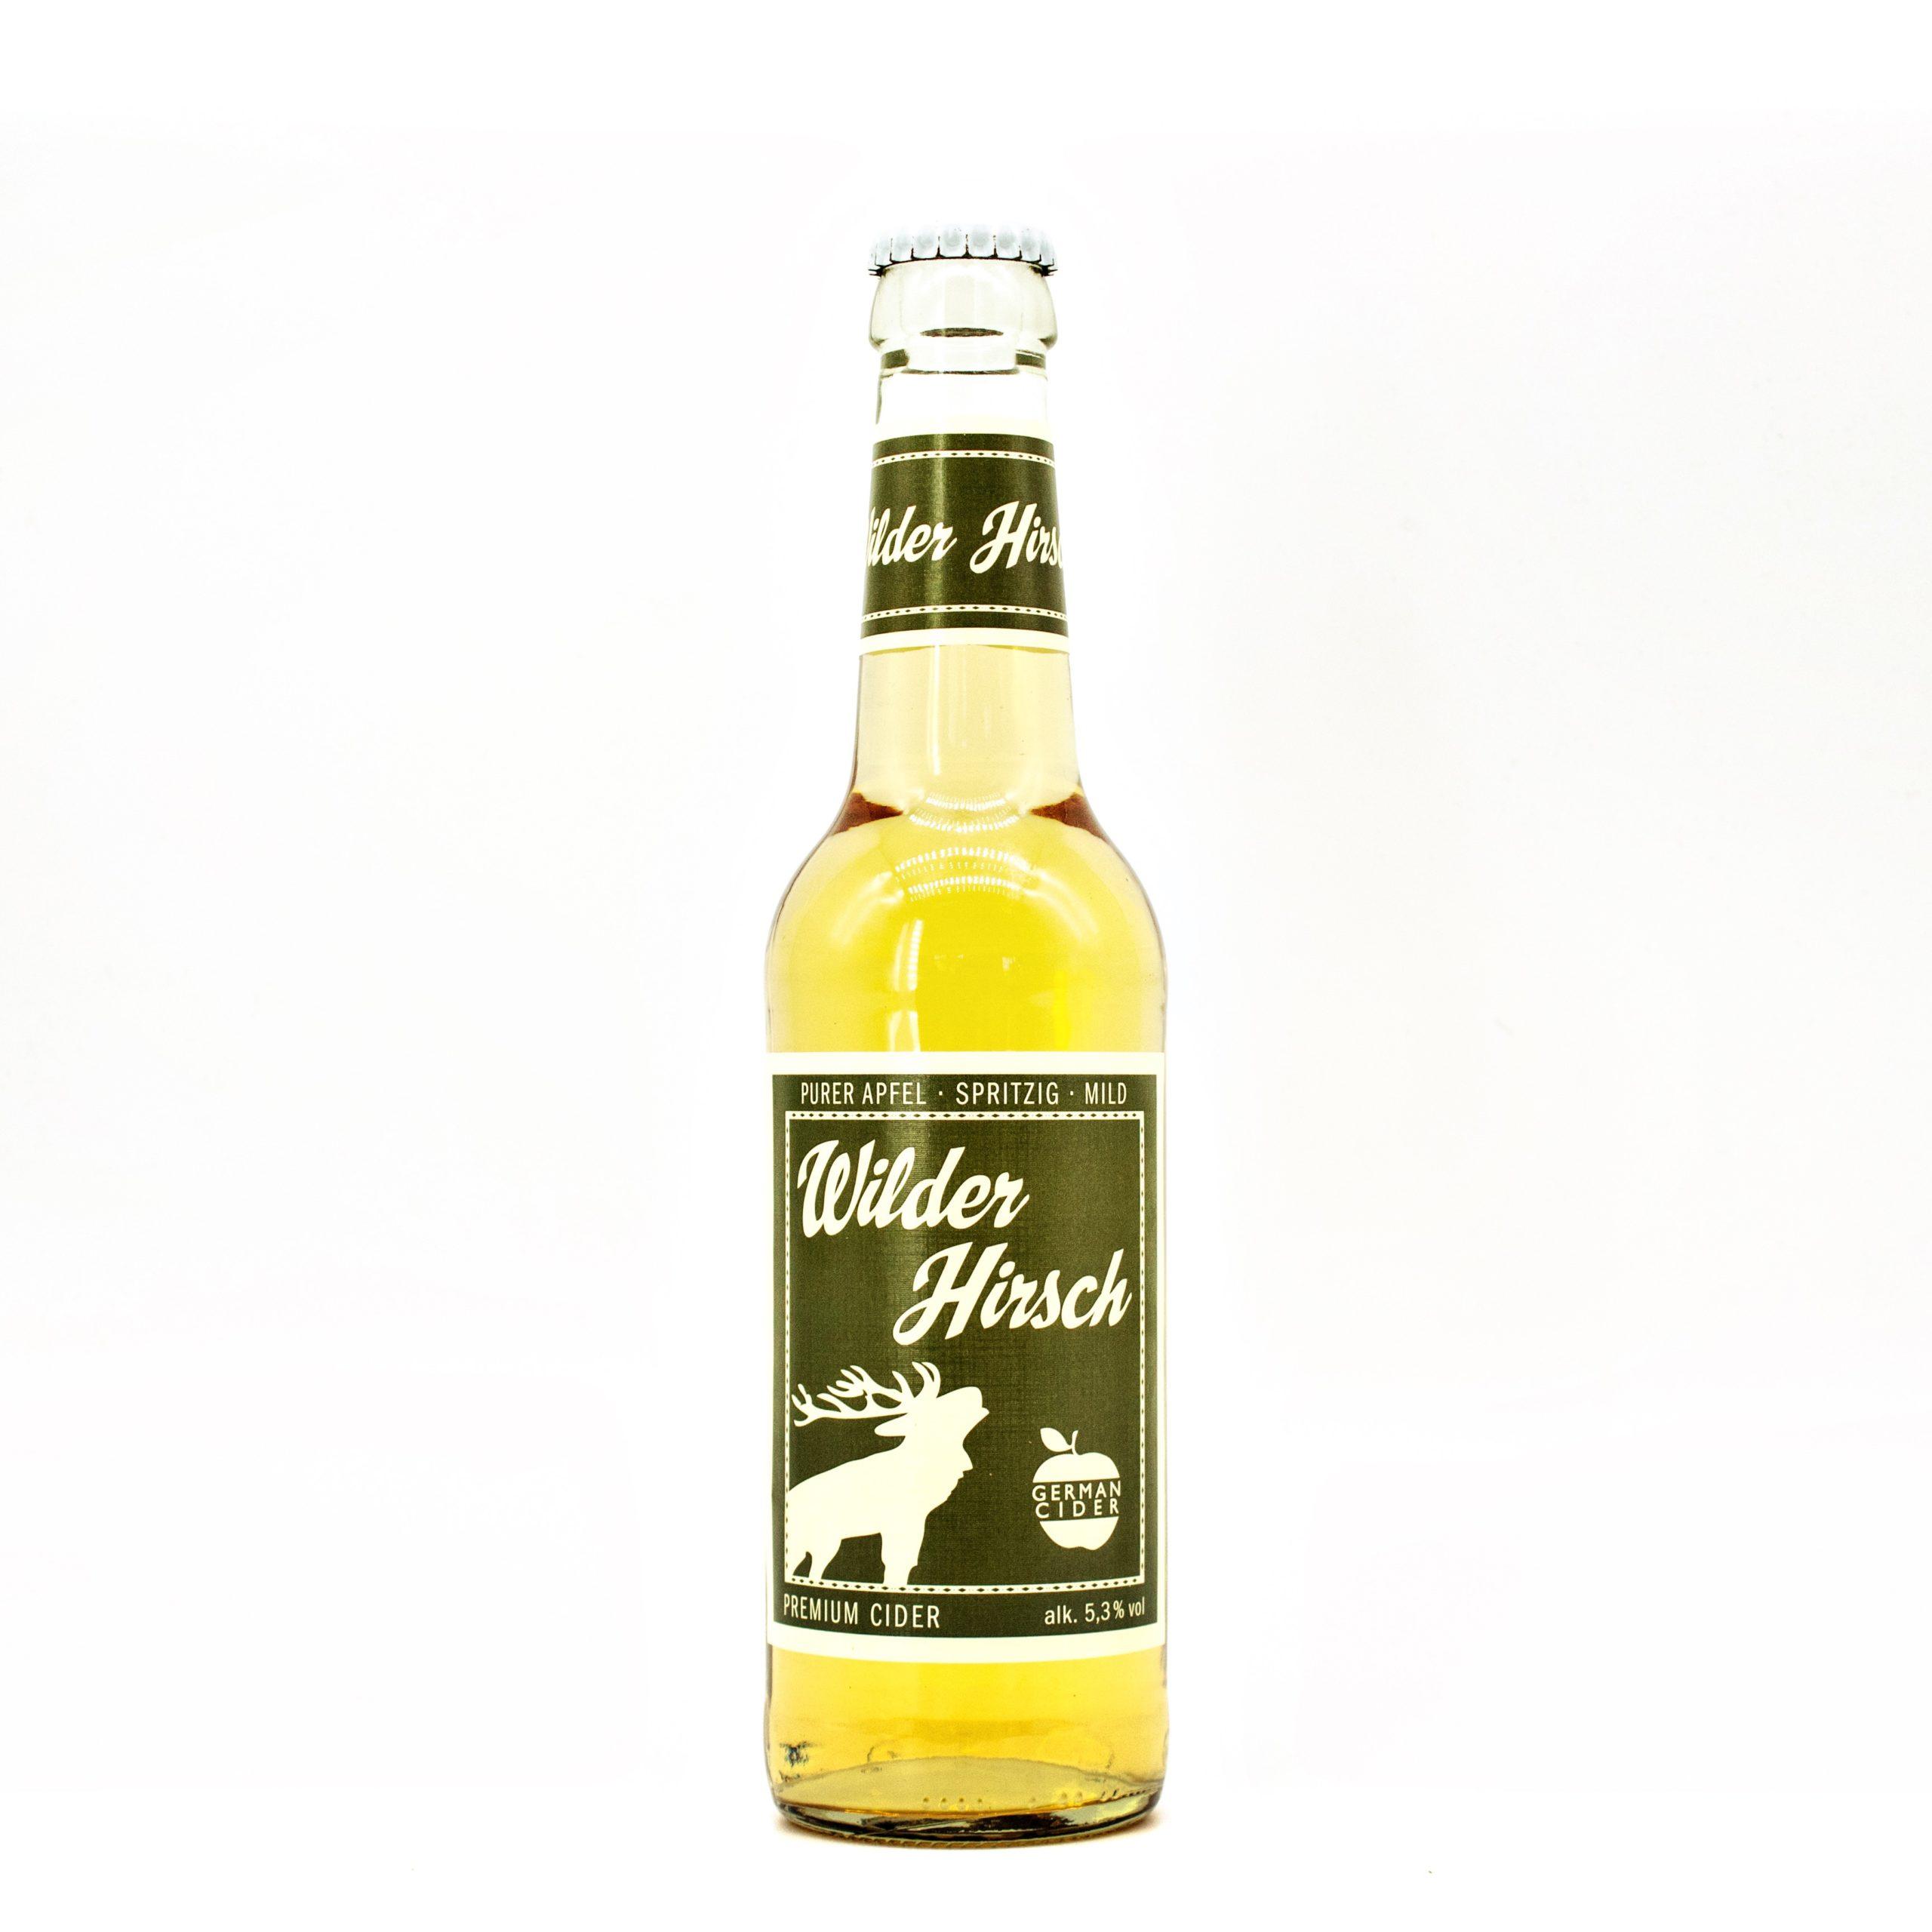 Purer Apfel, spritzig und mild! Wilder Hirsch!